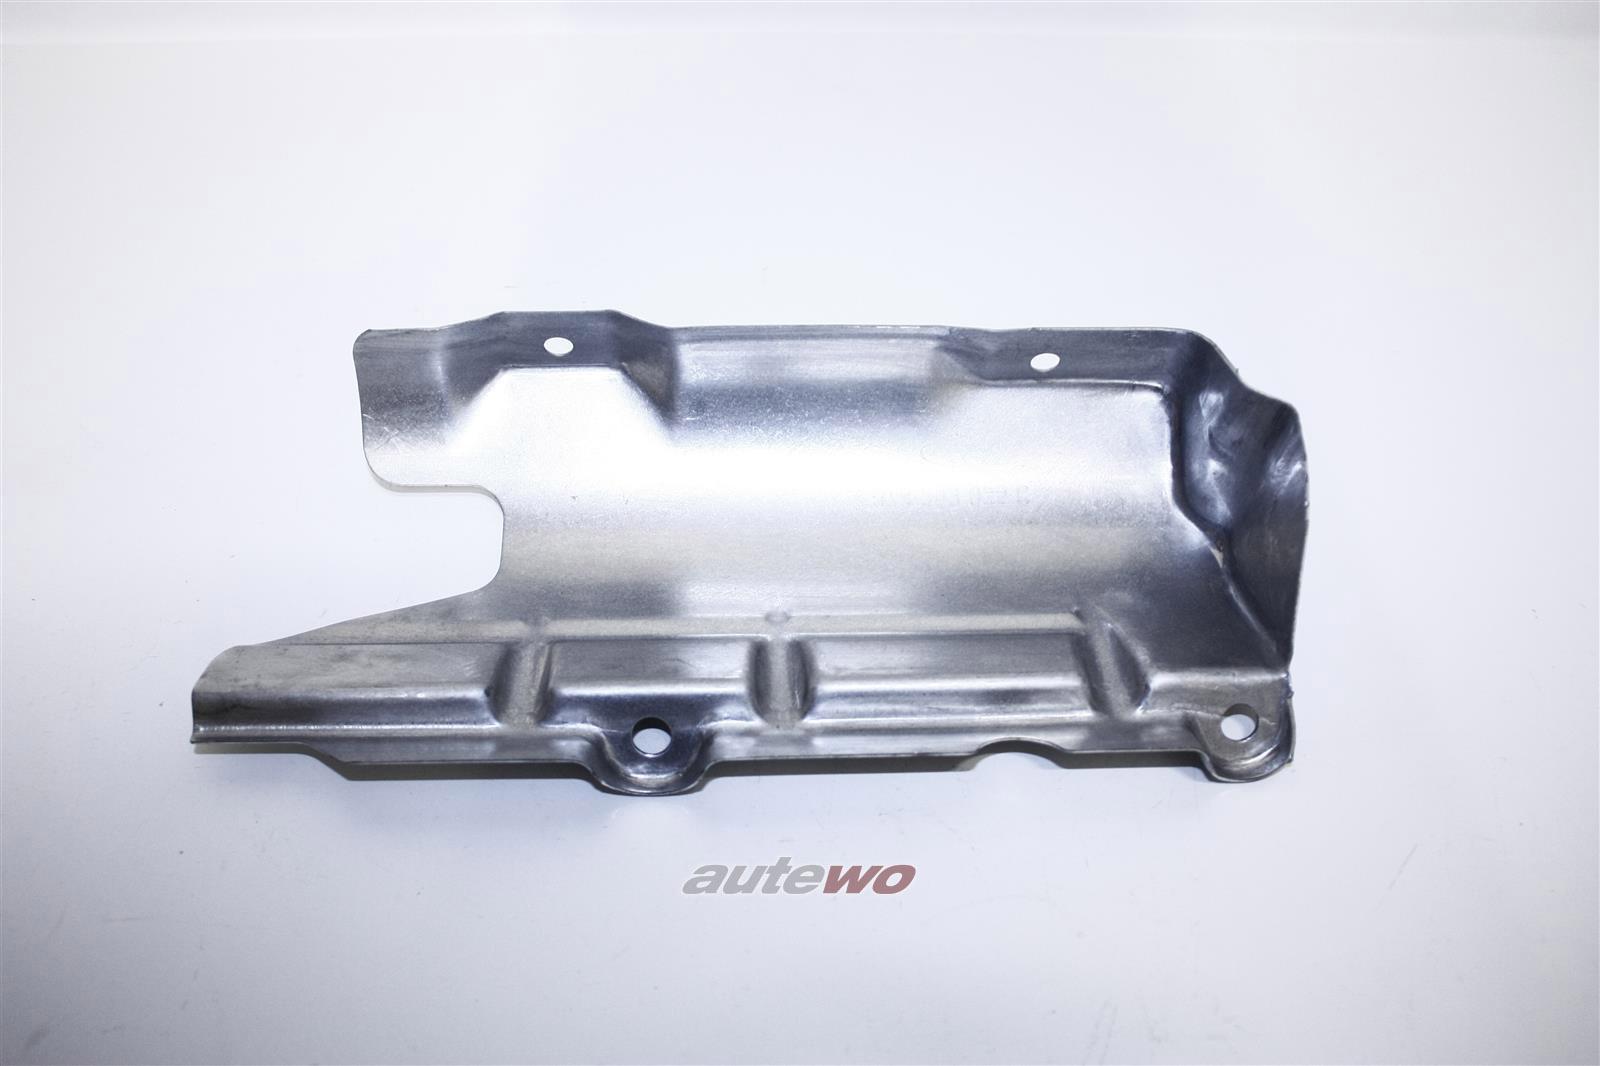 078253036C NEU Audi/VW A4 B5/A8 D2/Passat 3B 6 Zyl. Abdeckblech Abgaskrümmer